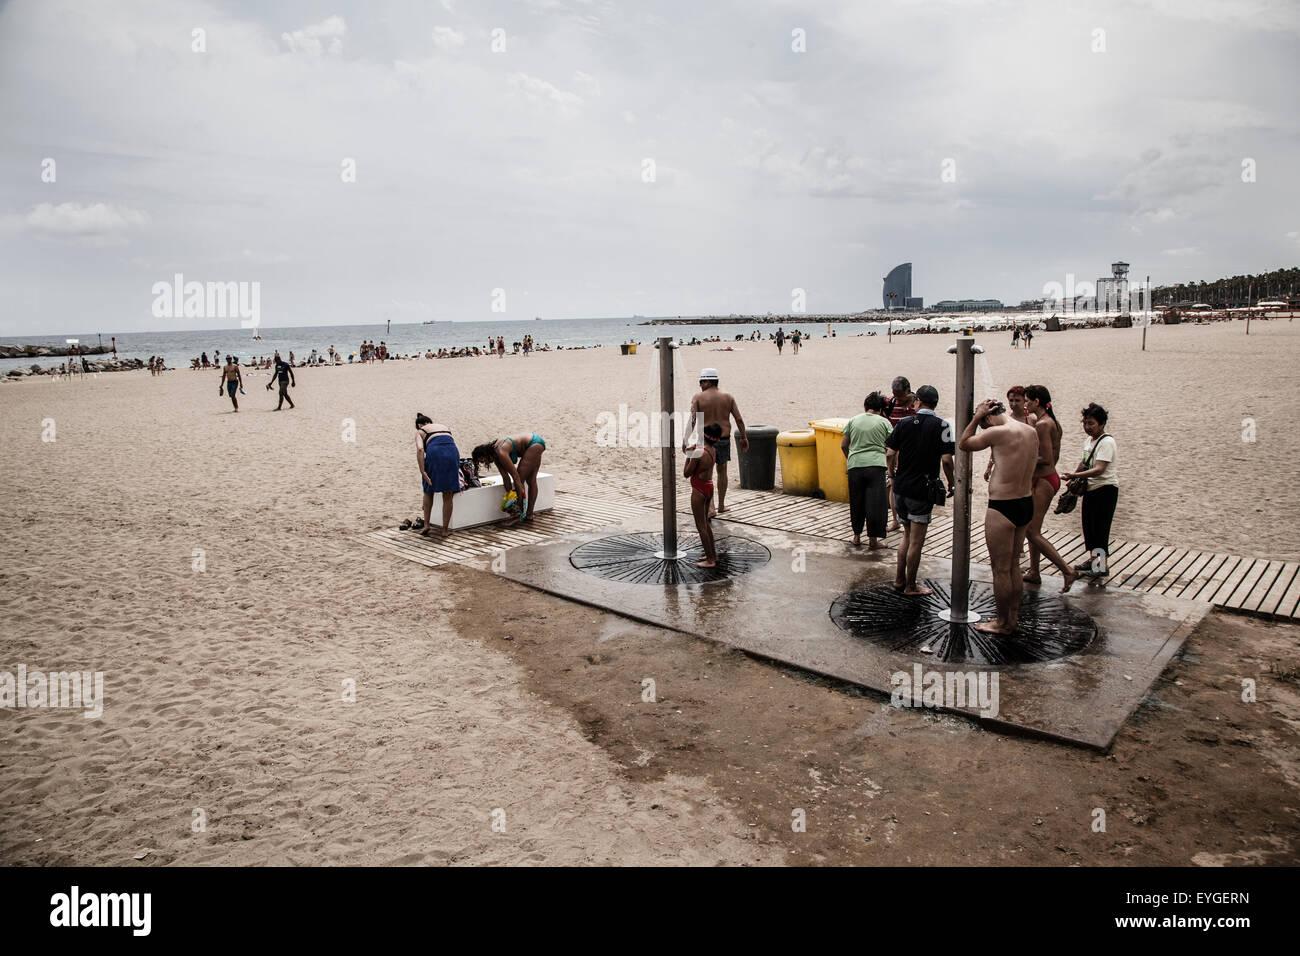 Les hommes prenant une douche dans la plage de la Barceloneta Photo Stock